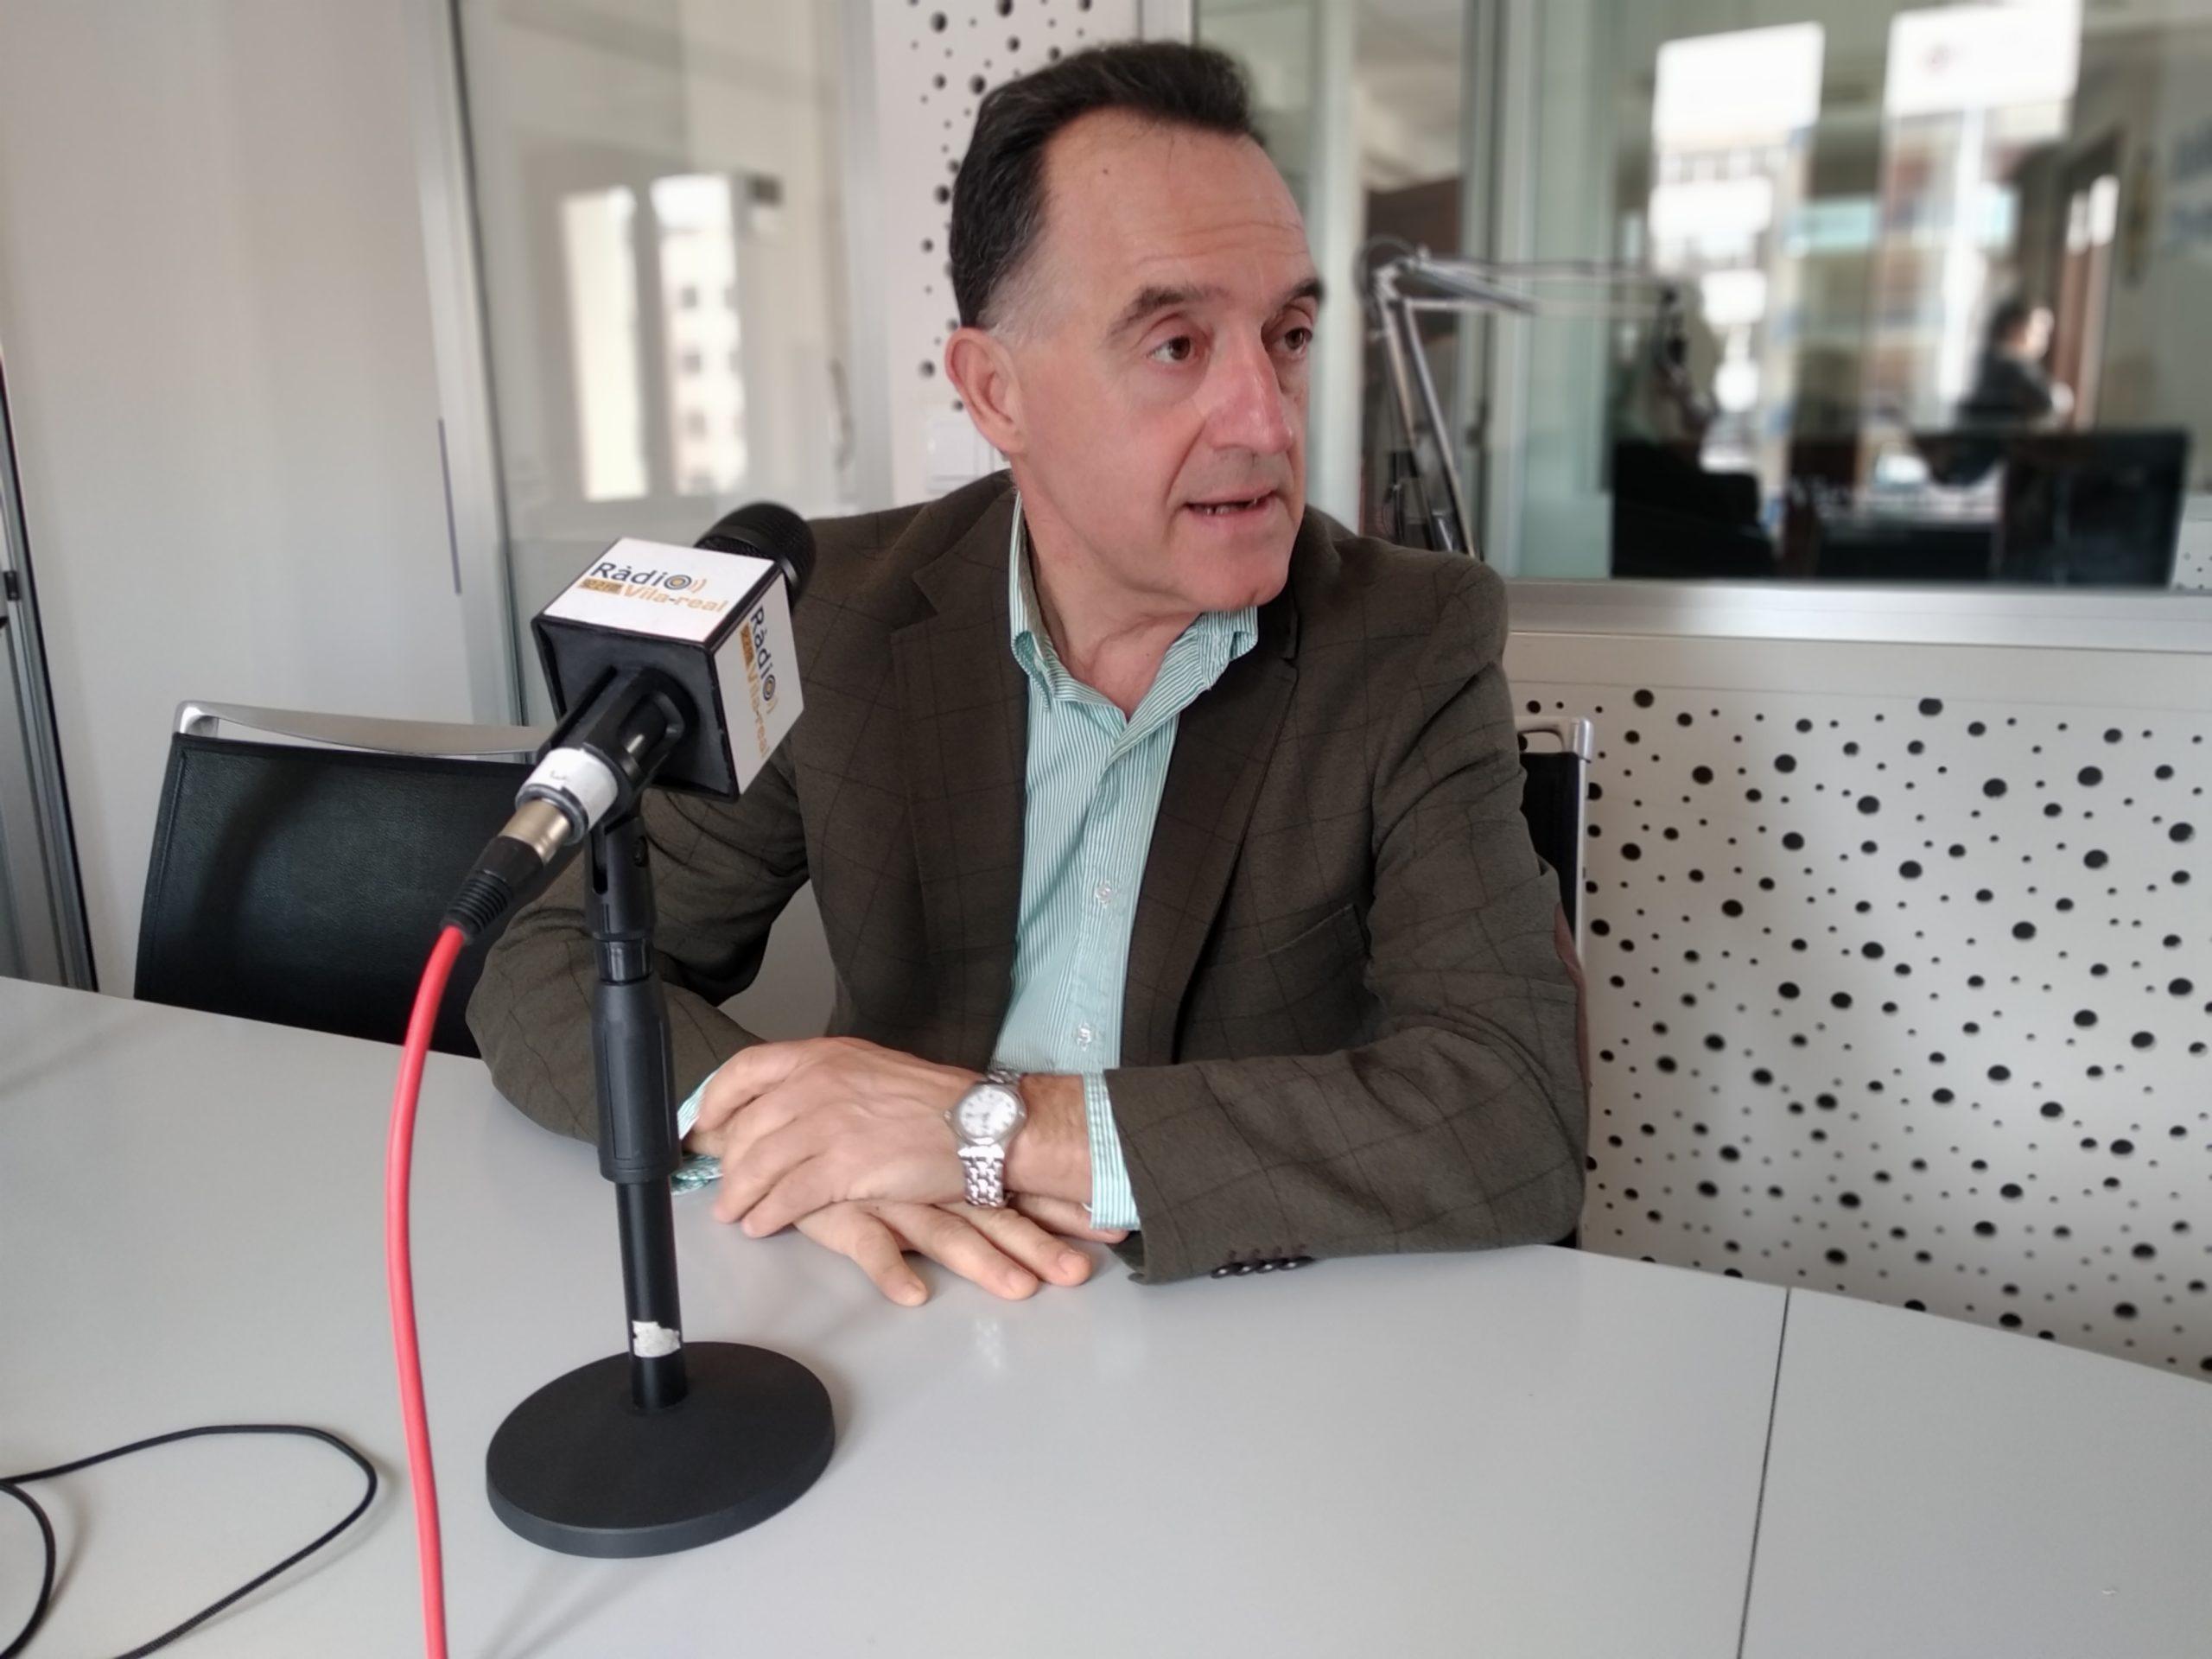 Entrevista al senador del PSOE, Artemi Rallo